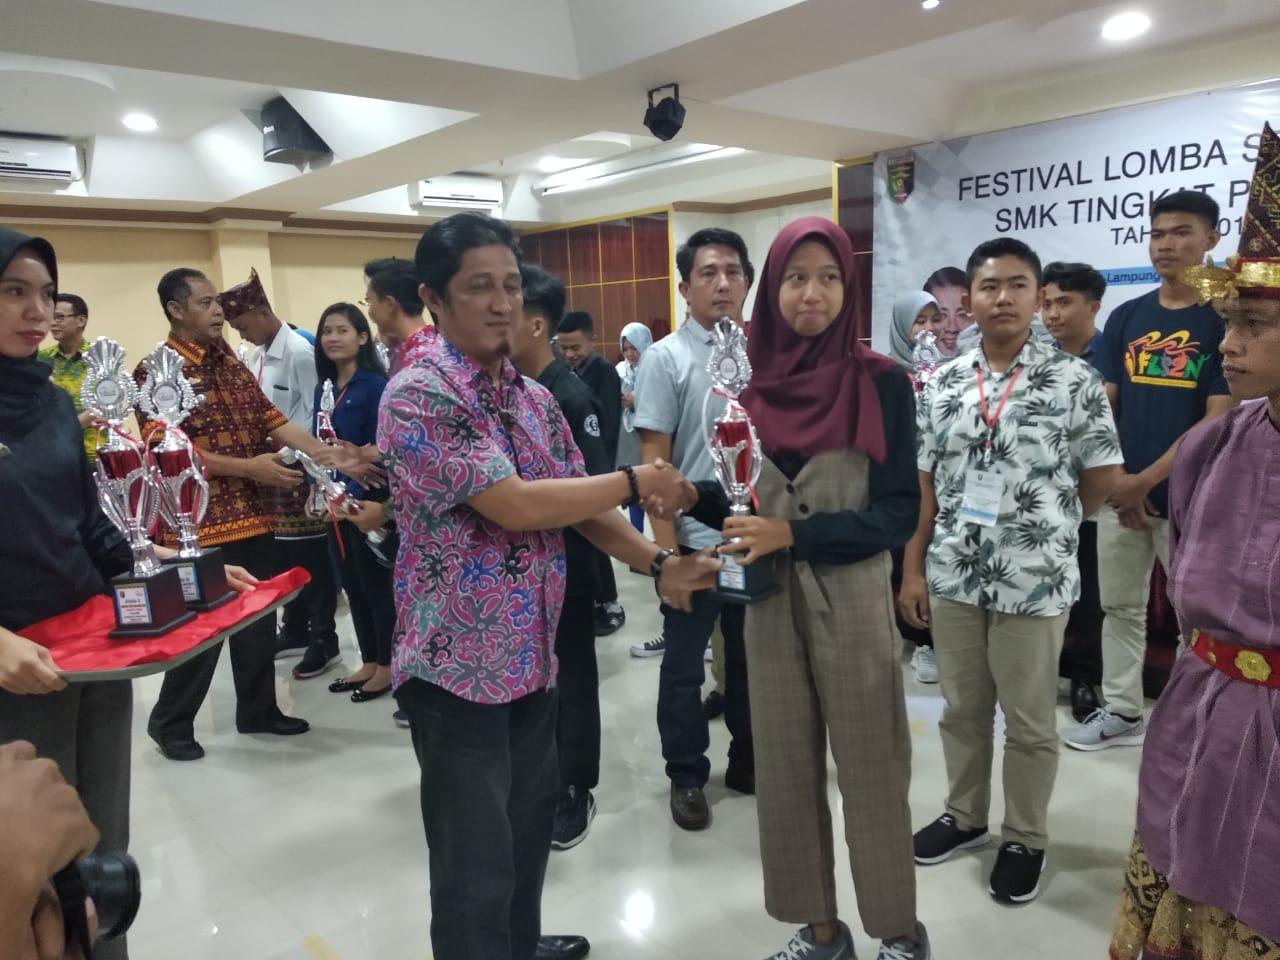 Juara 1 Lomba Teater Festival Lomba Seni (FLS) Tingkat Provinsi Lampung Tahun 2019